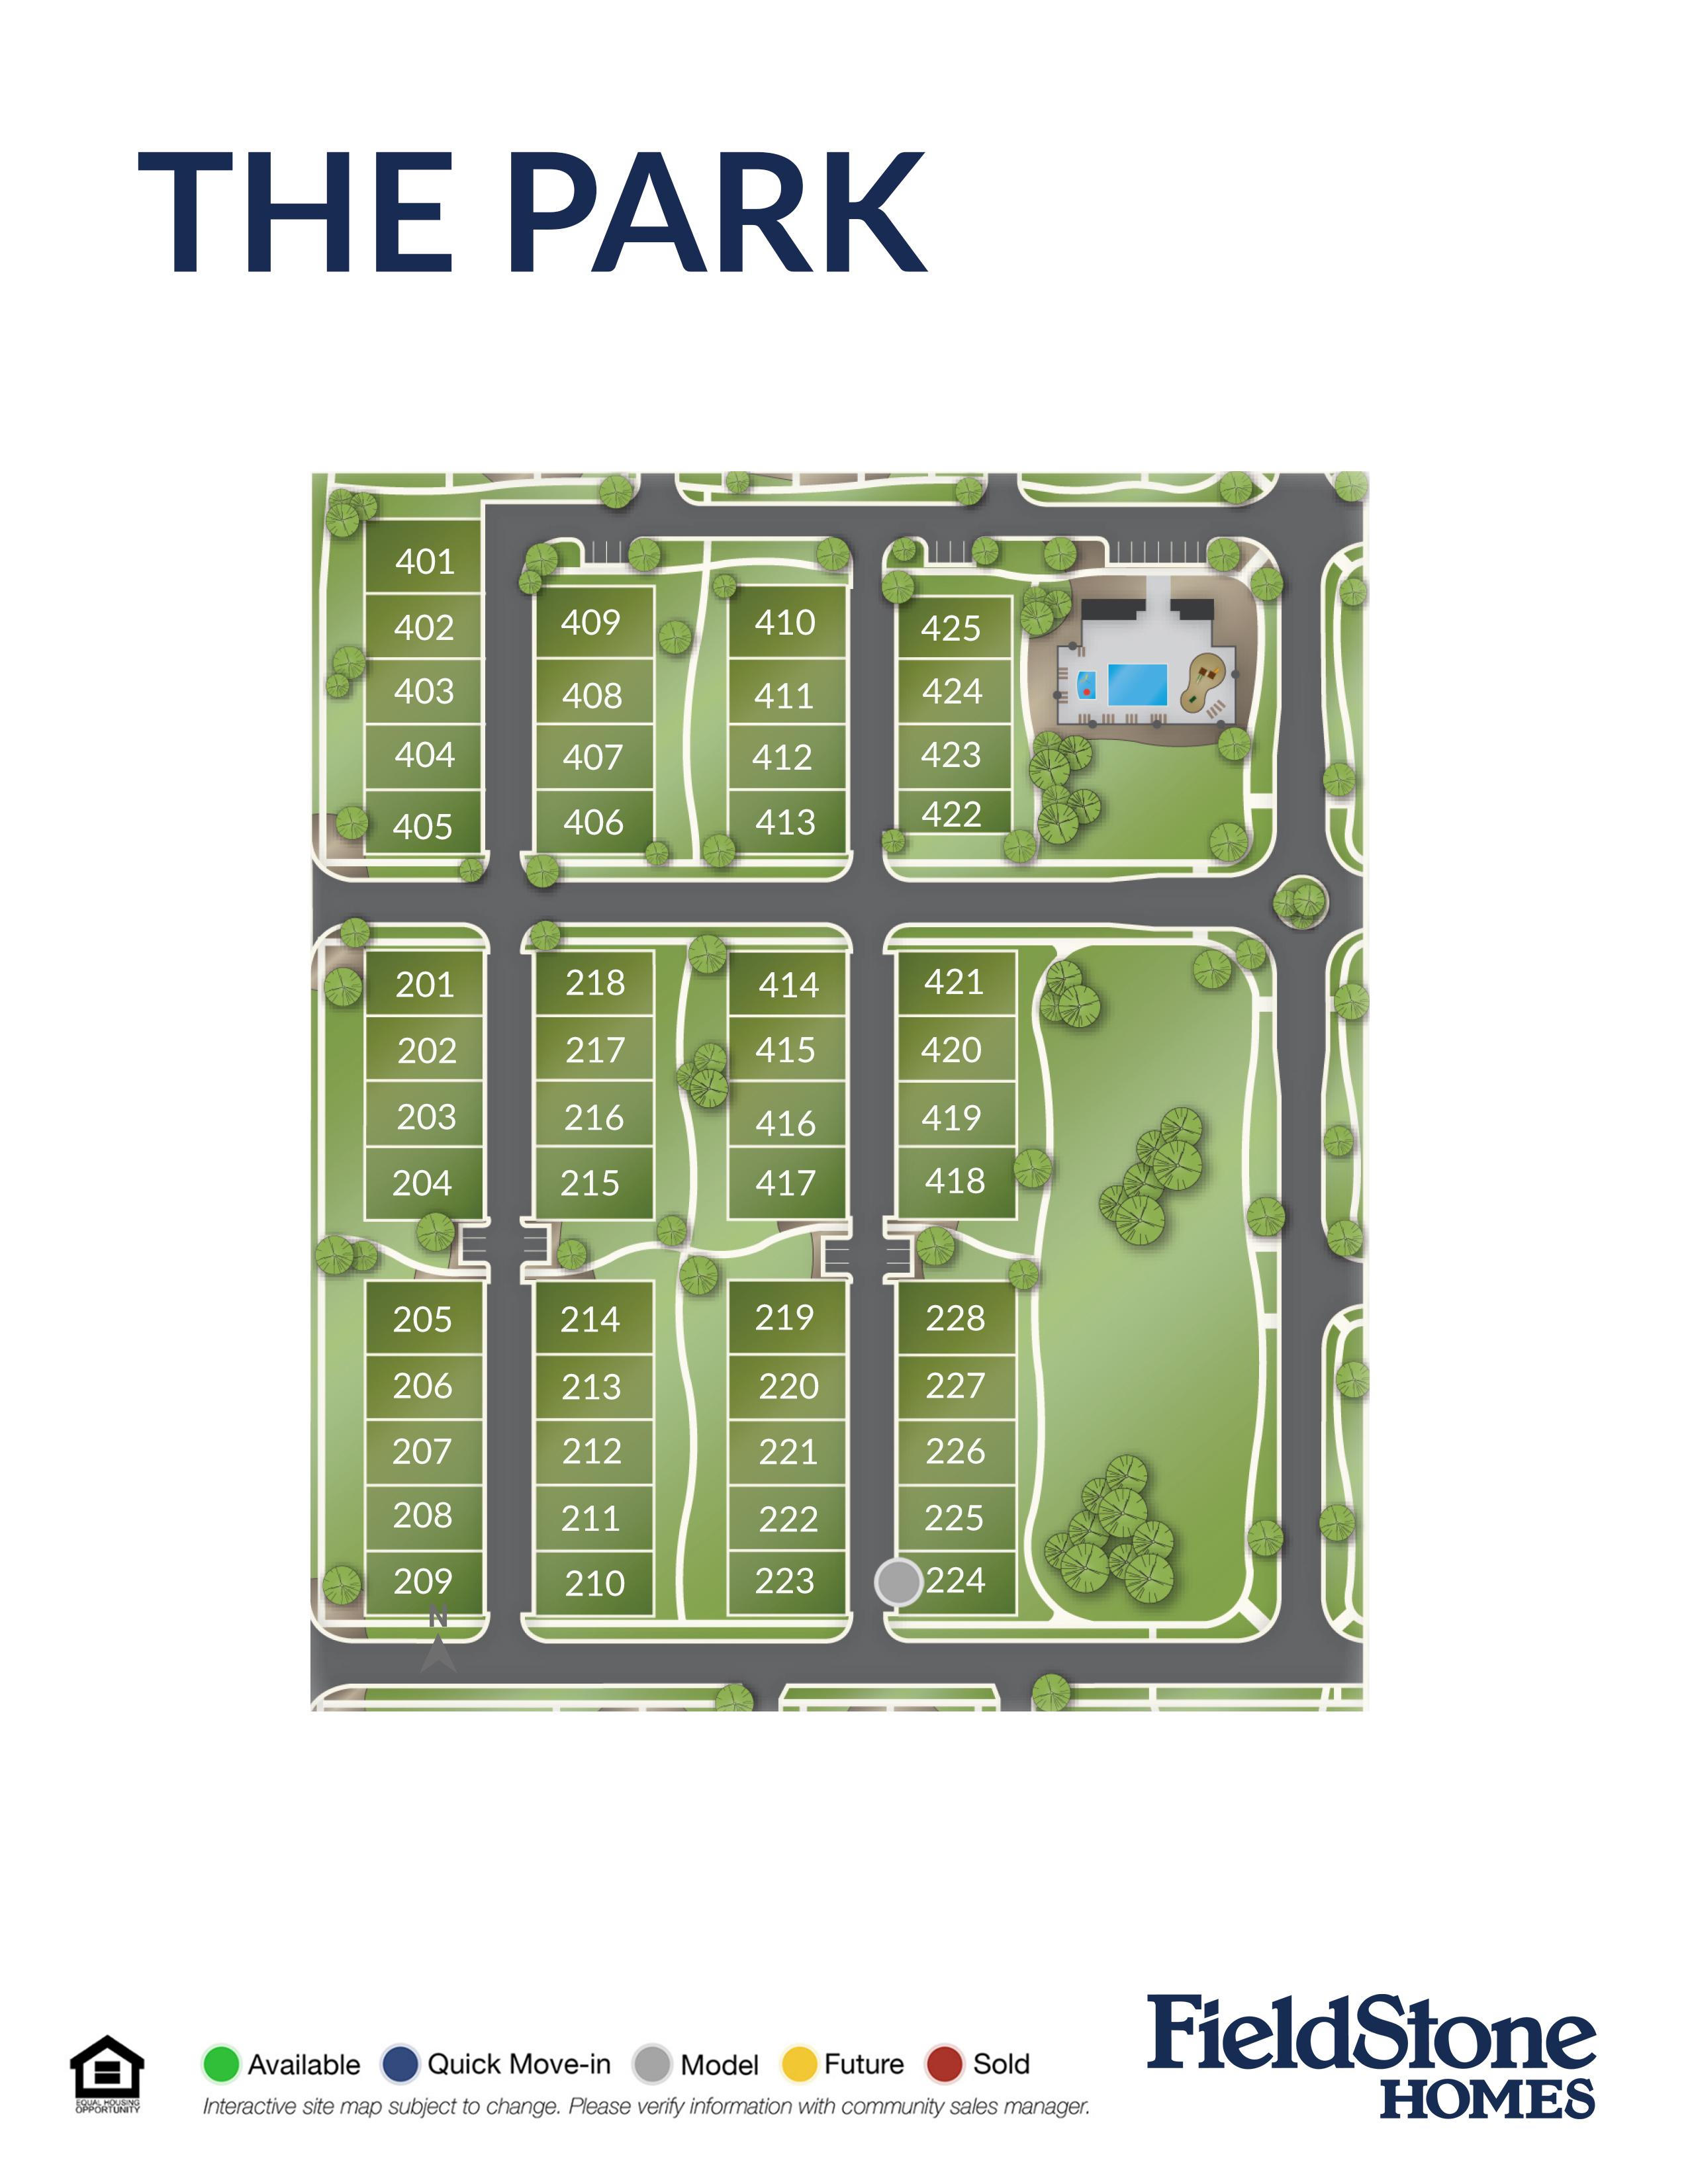 Layton, UT The Park New Homes